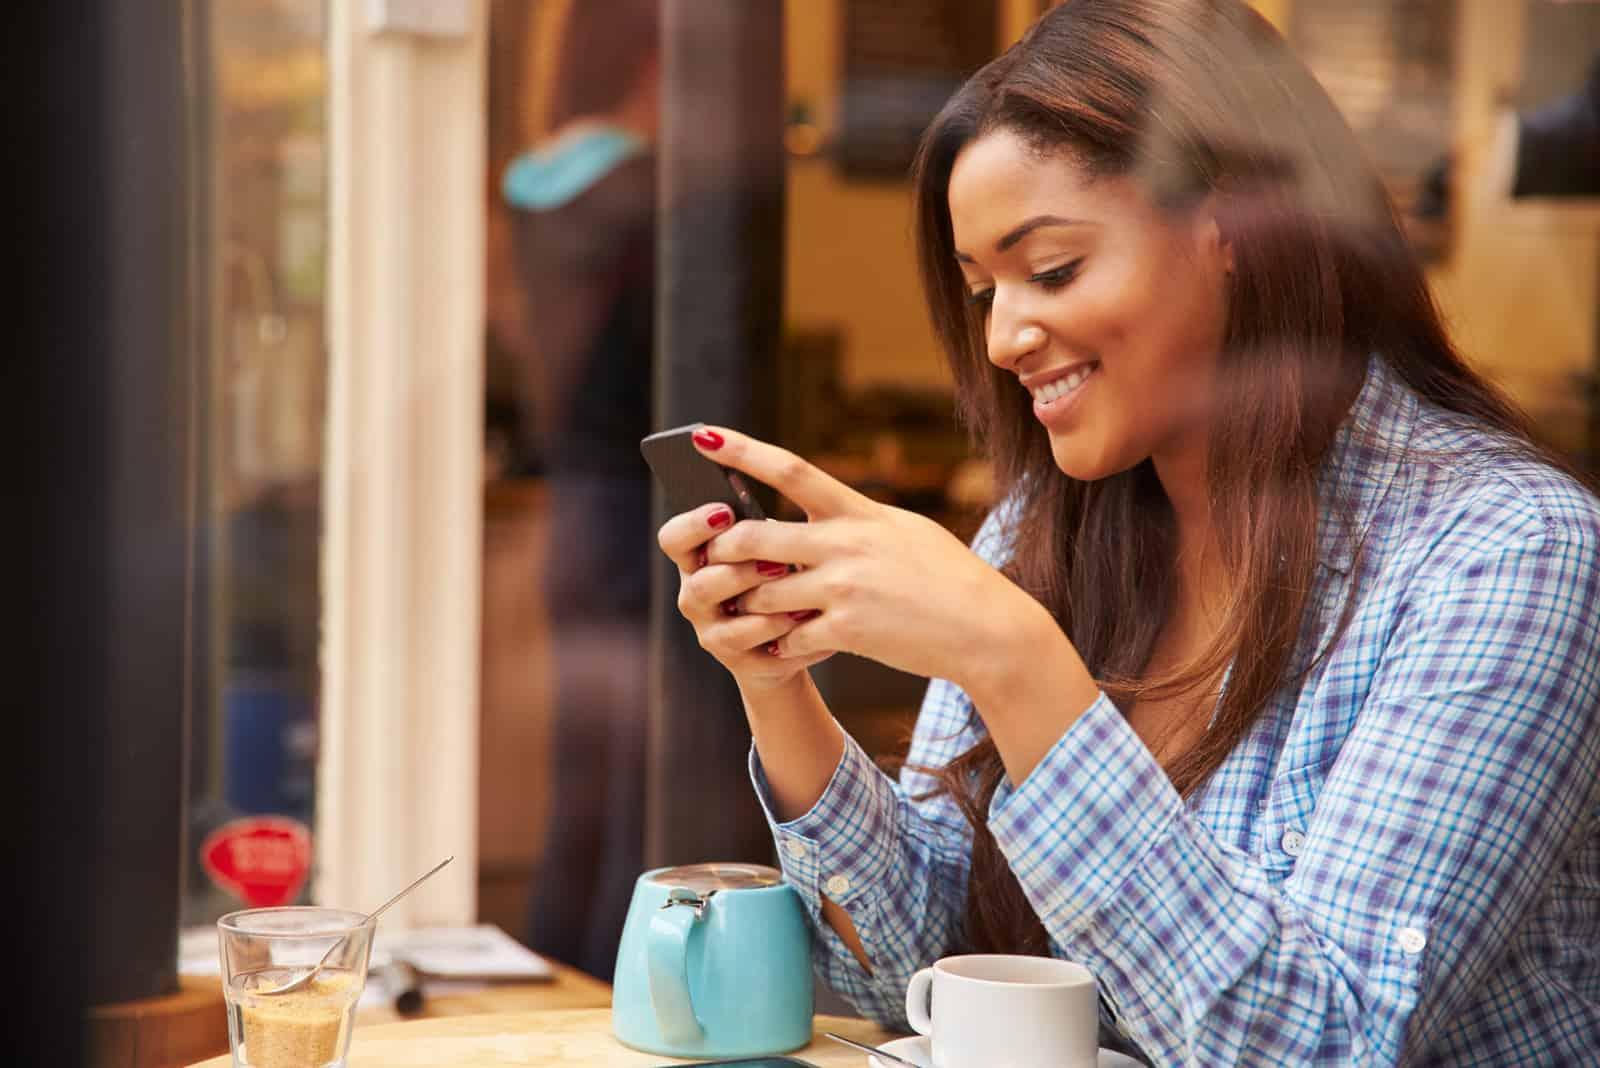 une femme souriante assise dans un café et tapant au téléphone